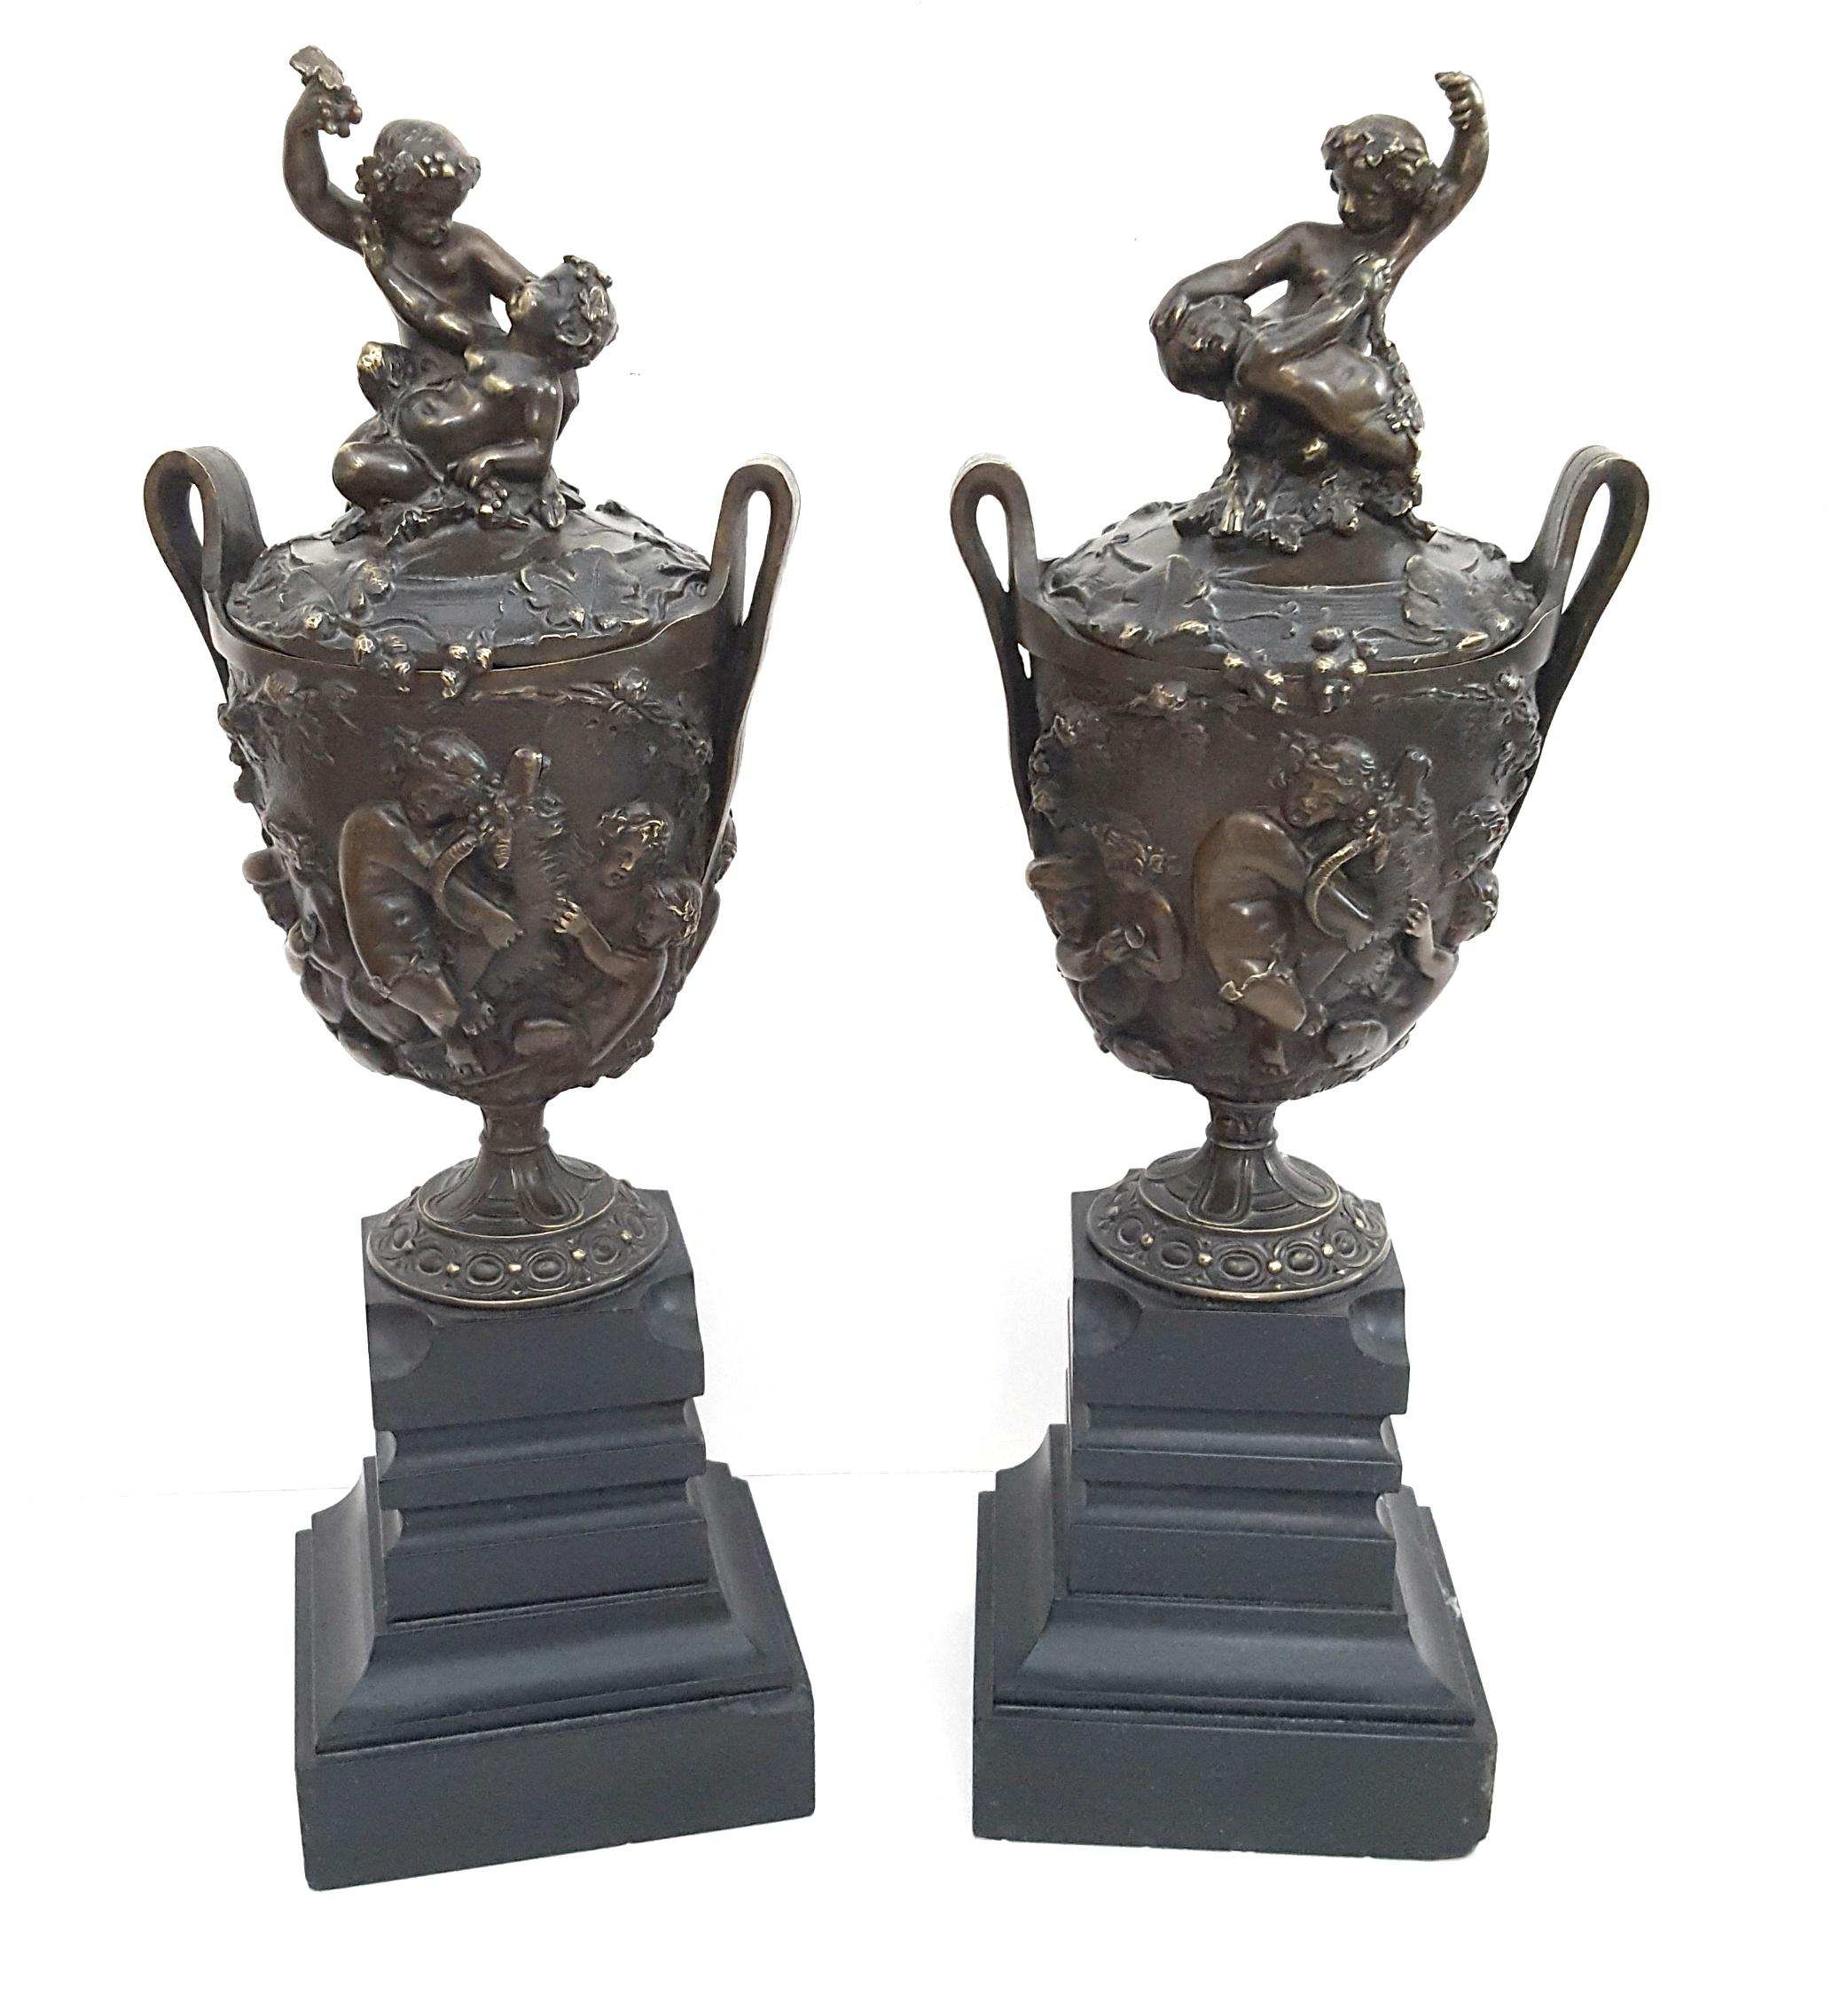 Lot 10 - Antique 2 Bronze Lidded Vases On Slate Plinths Depicting Fauns Ram Lion Bacchus & Grape Vines